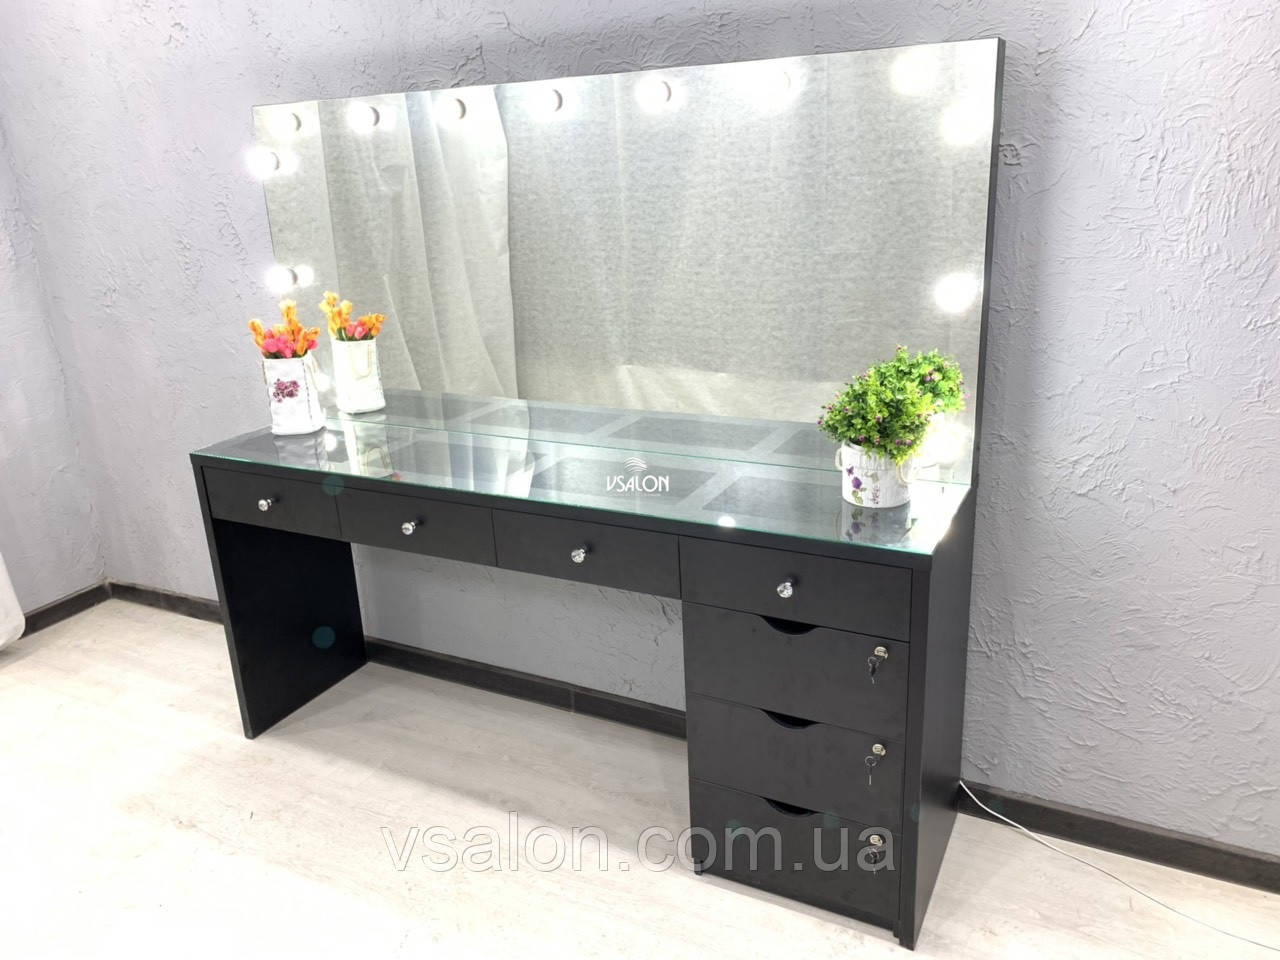 Макияжный стіл з підсвічуванням на два робочих місця V380